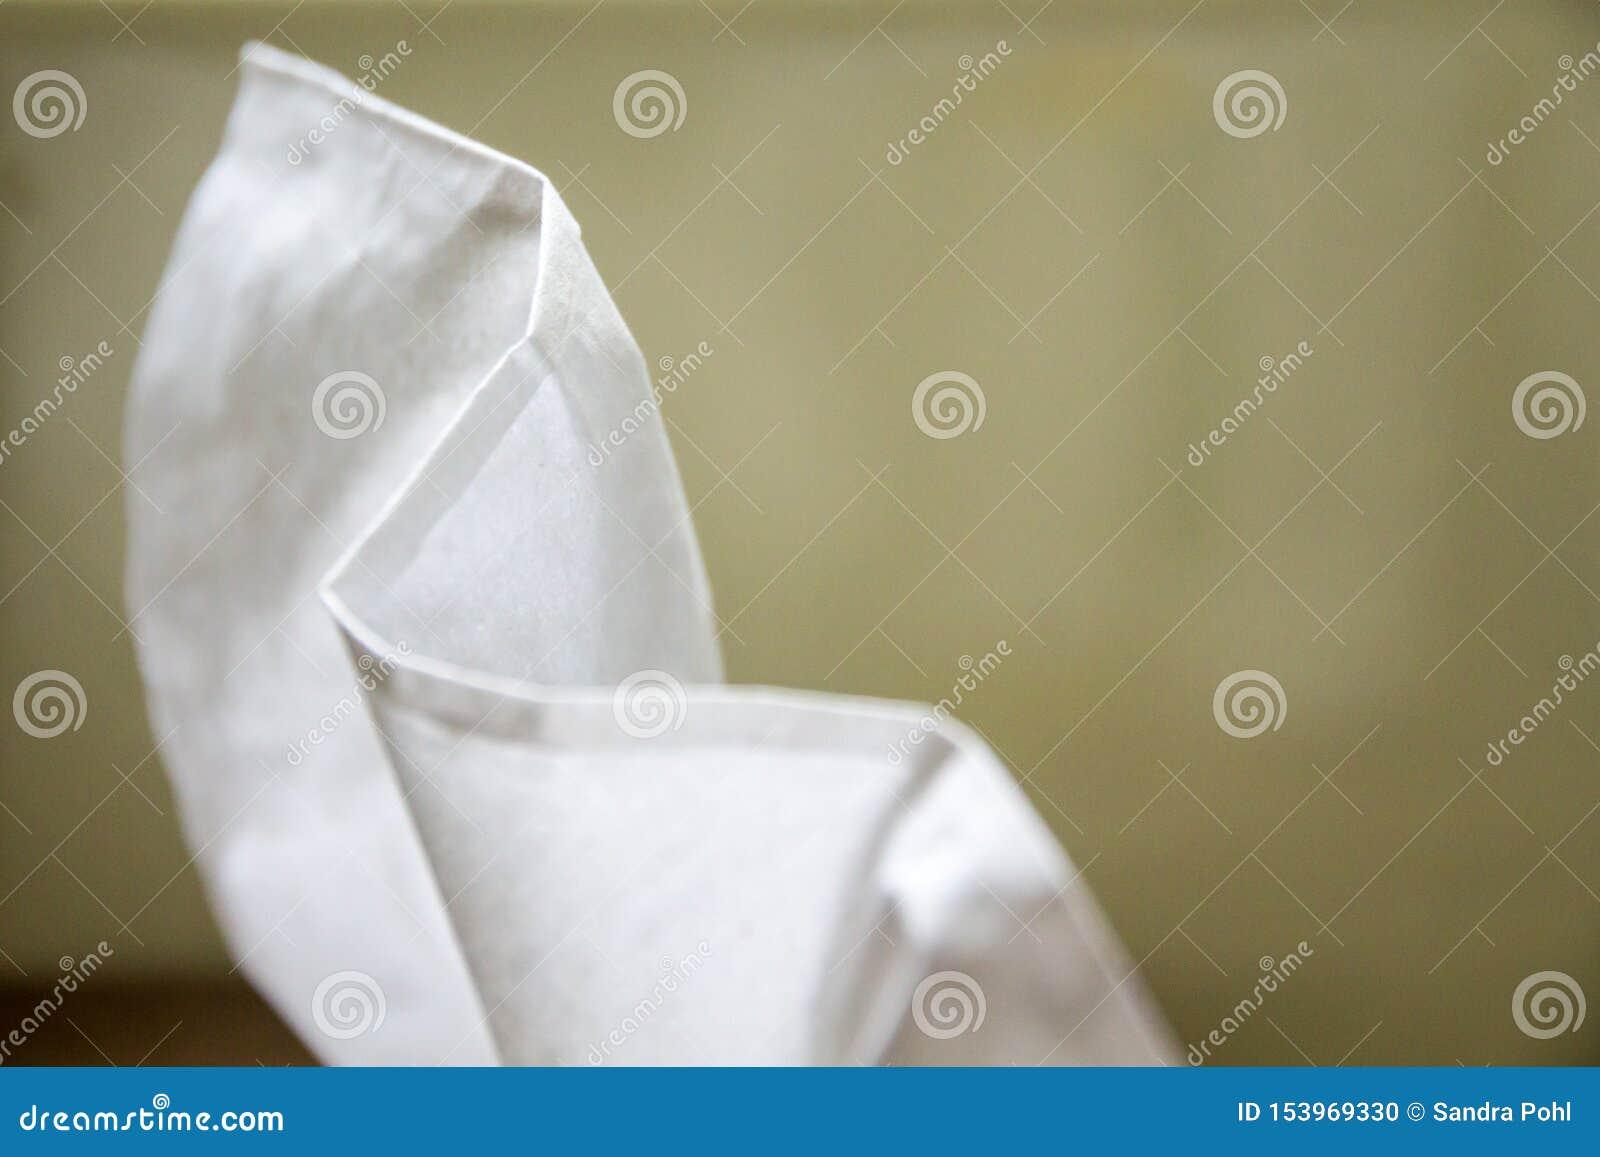 Weißes towelette auf grünem Hintergrund